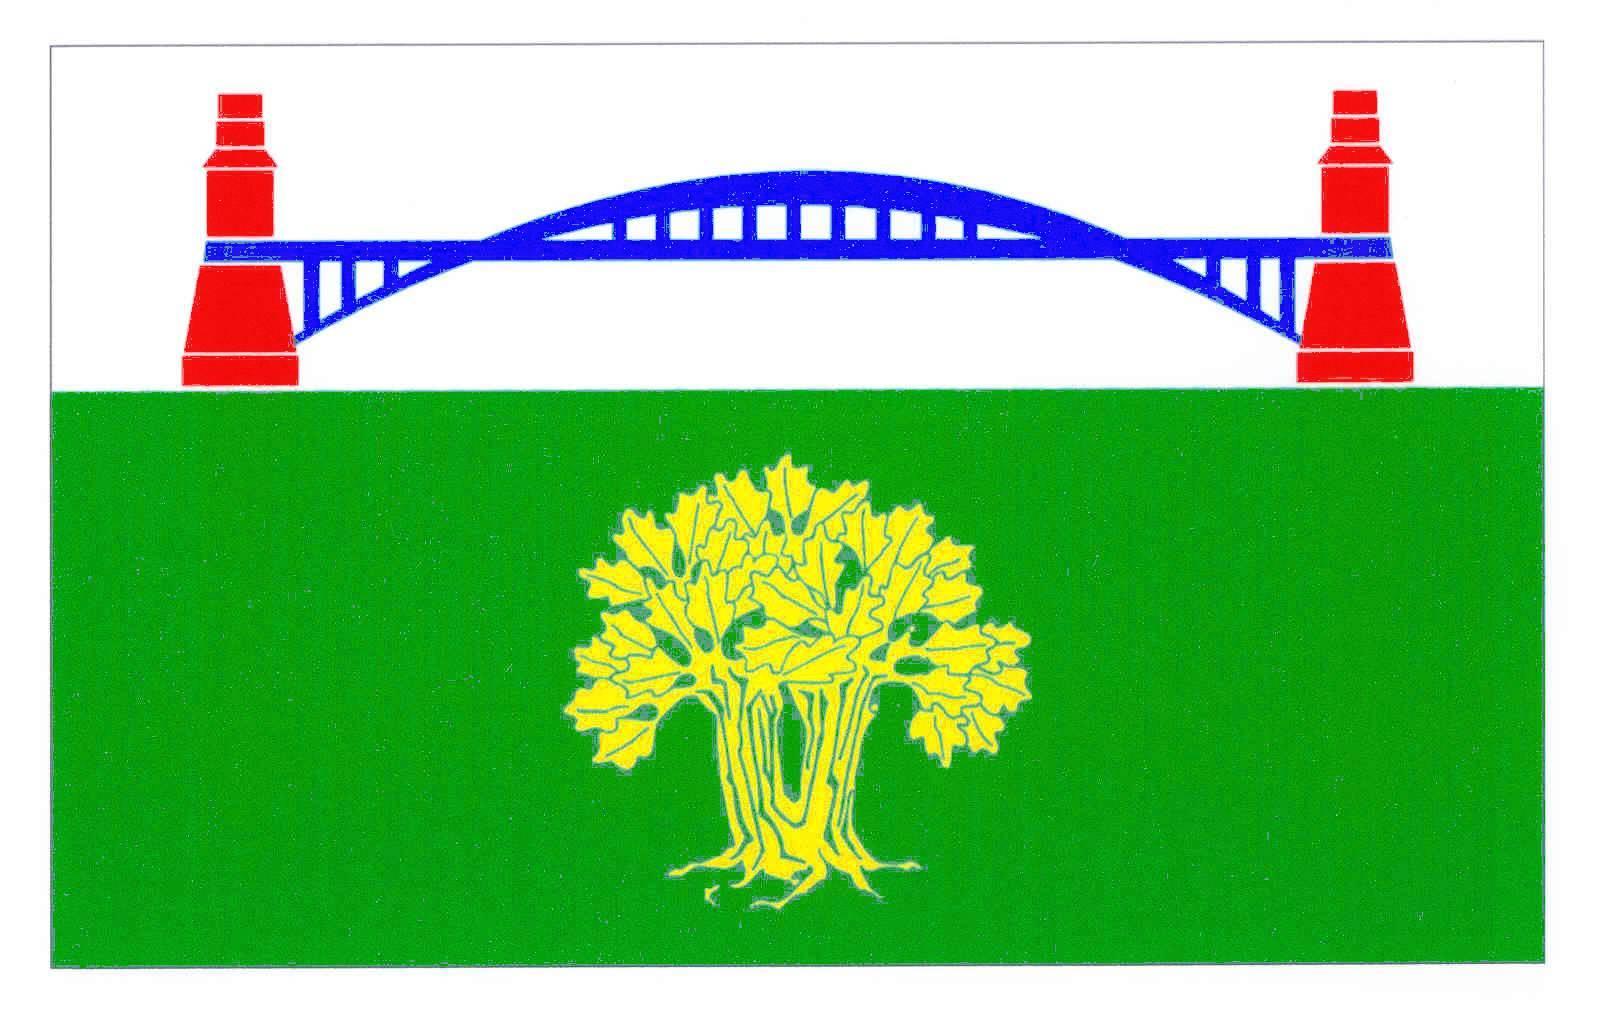 Flagge GemeindeBeldorf, Kreis Rendsburg-Eckernförde